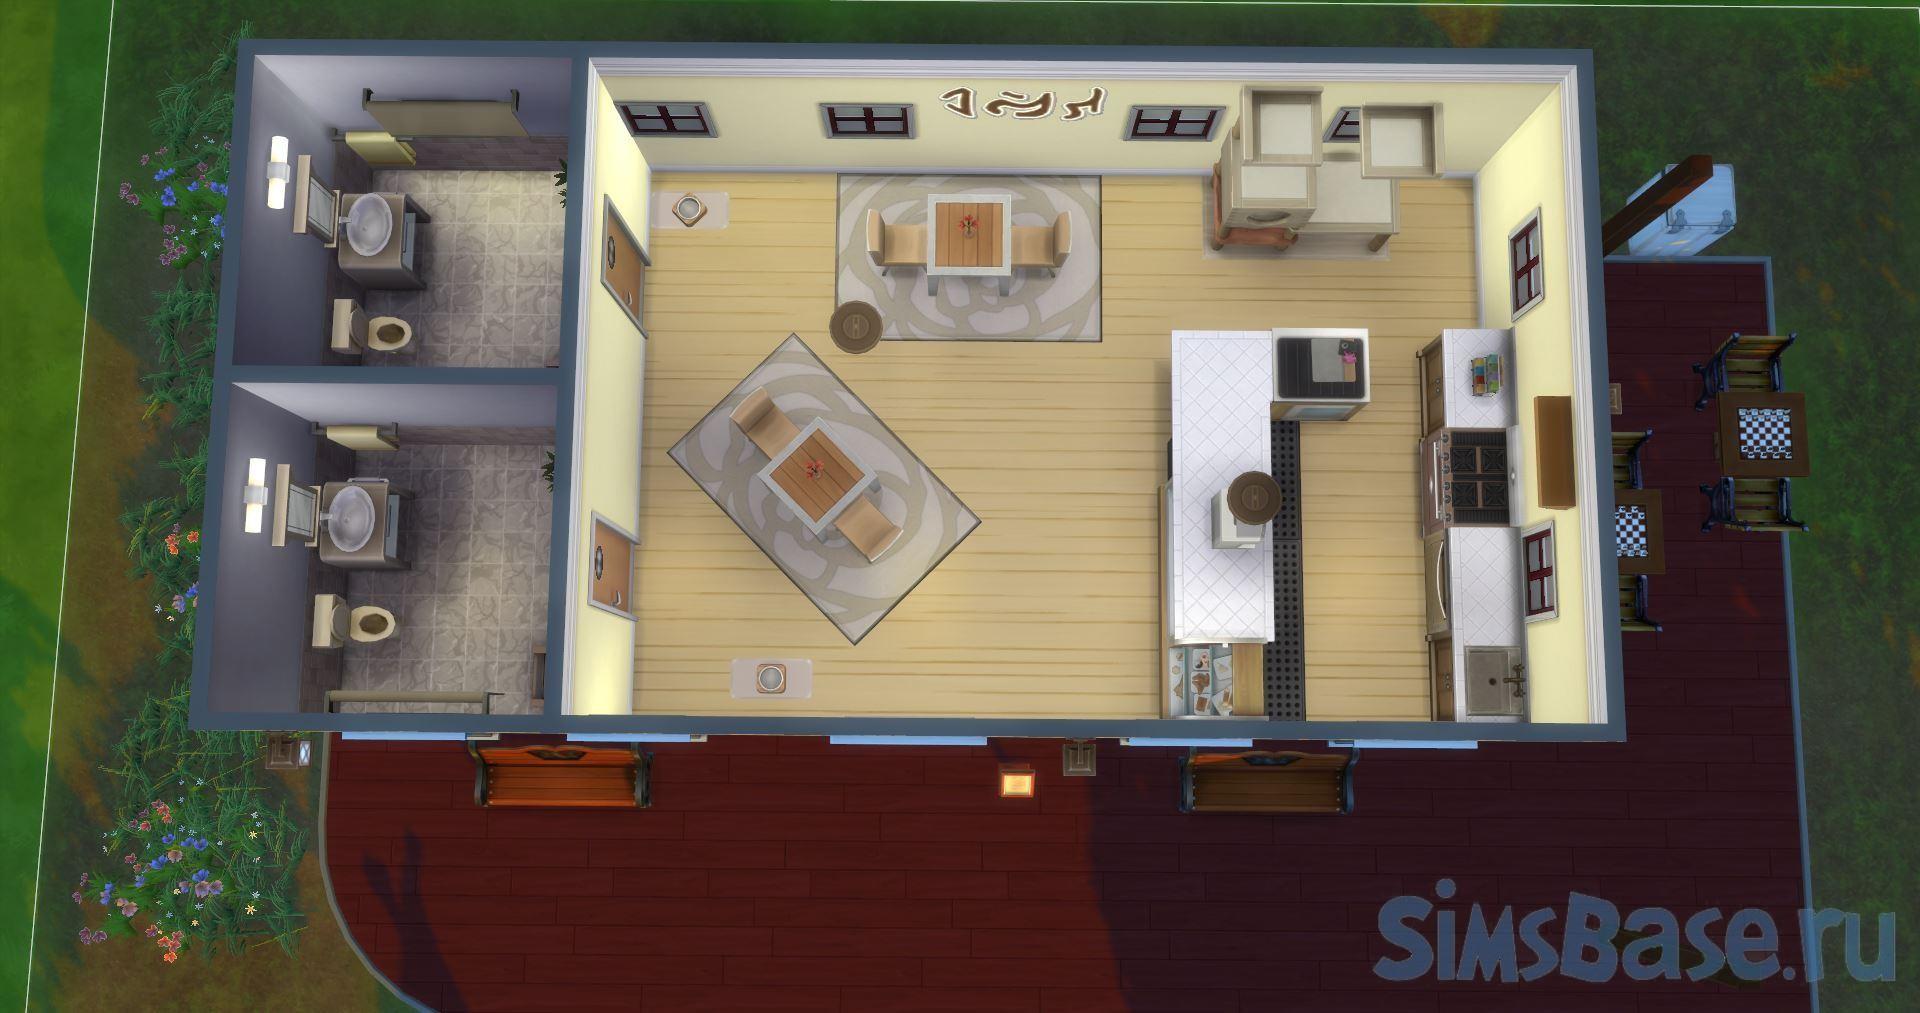 Кафе с детской площадкой от CatMuto для Sims 4